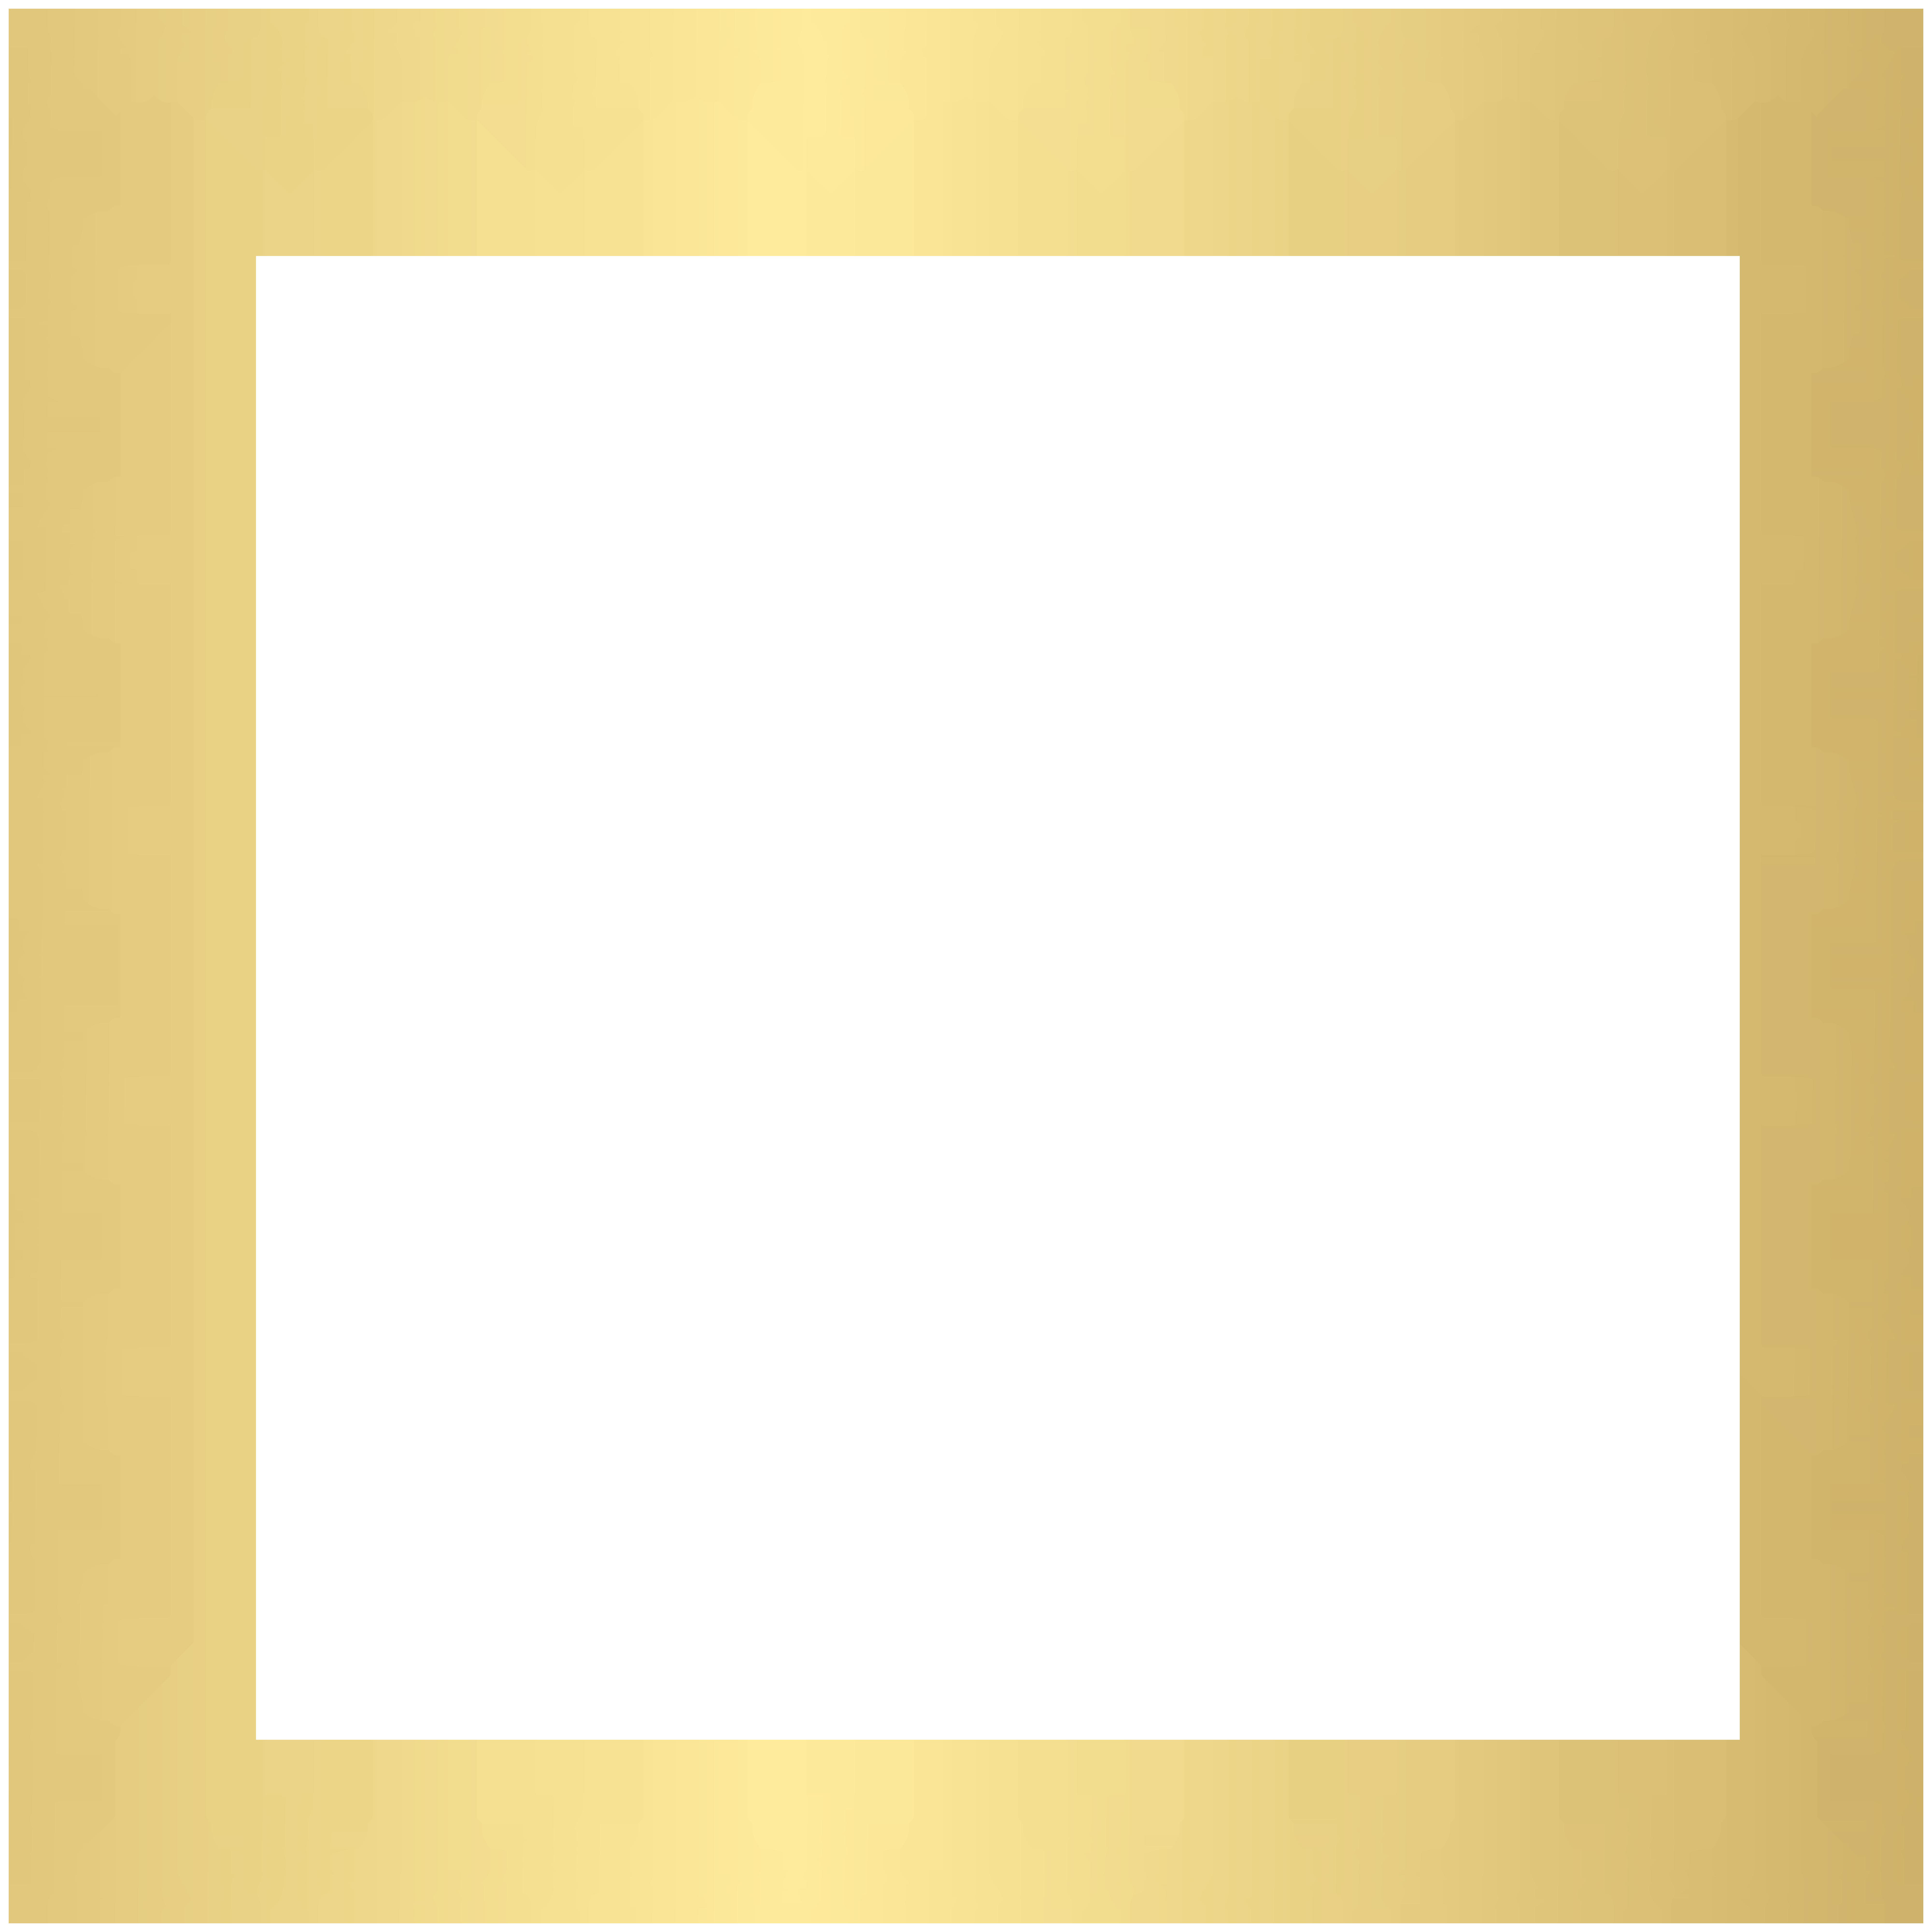 Deco frame transparent clip. Chalk border png